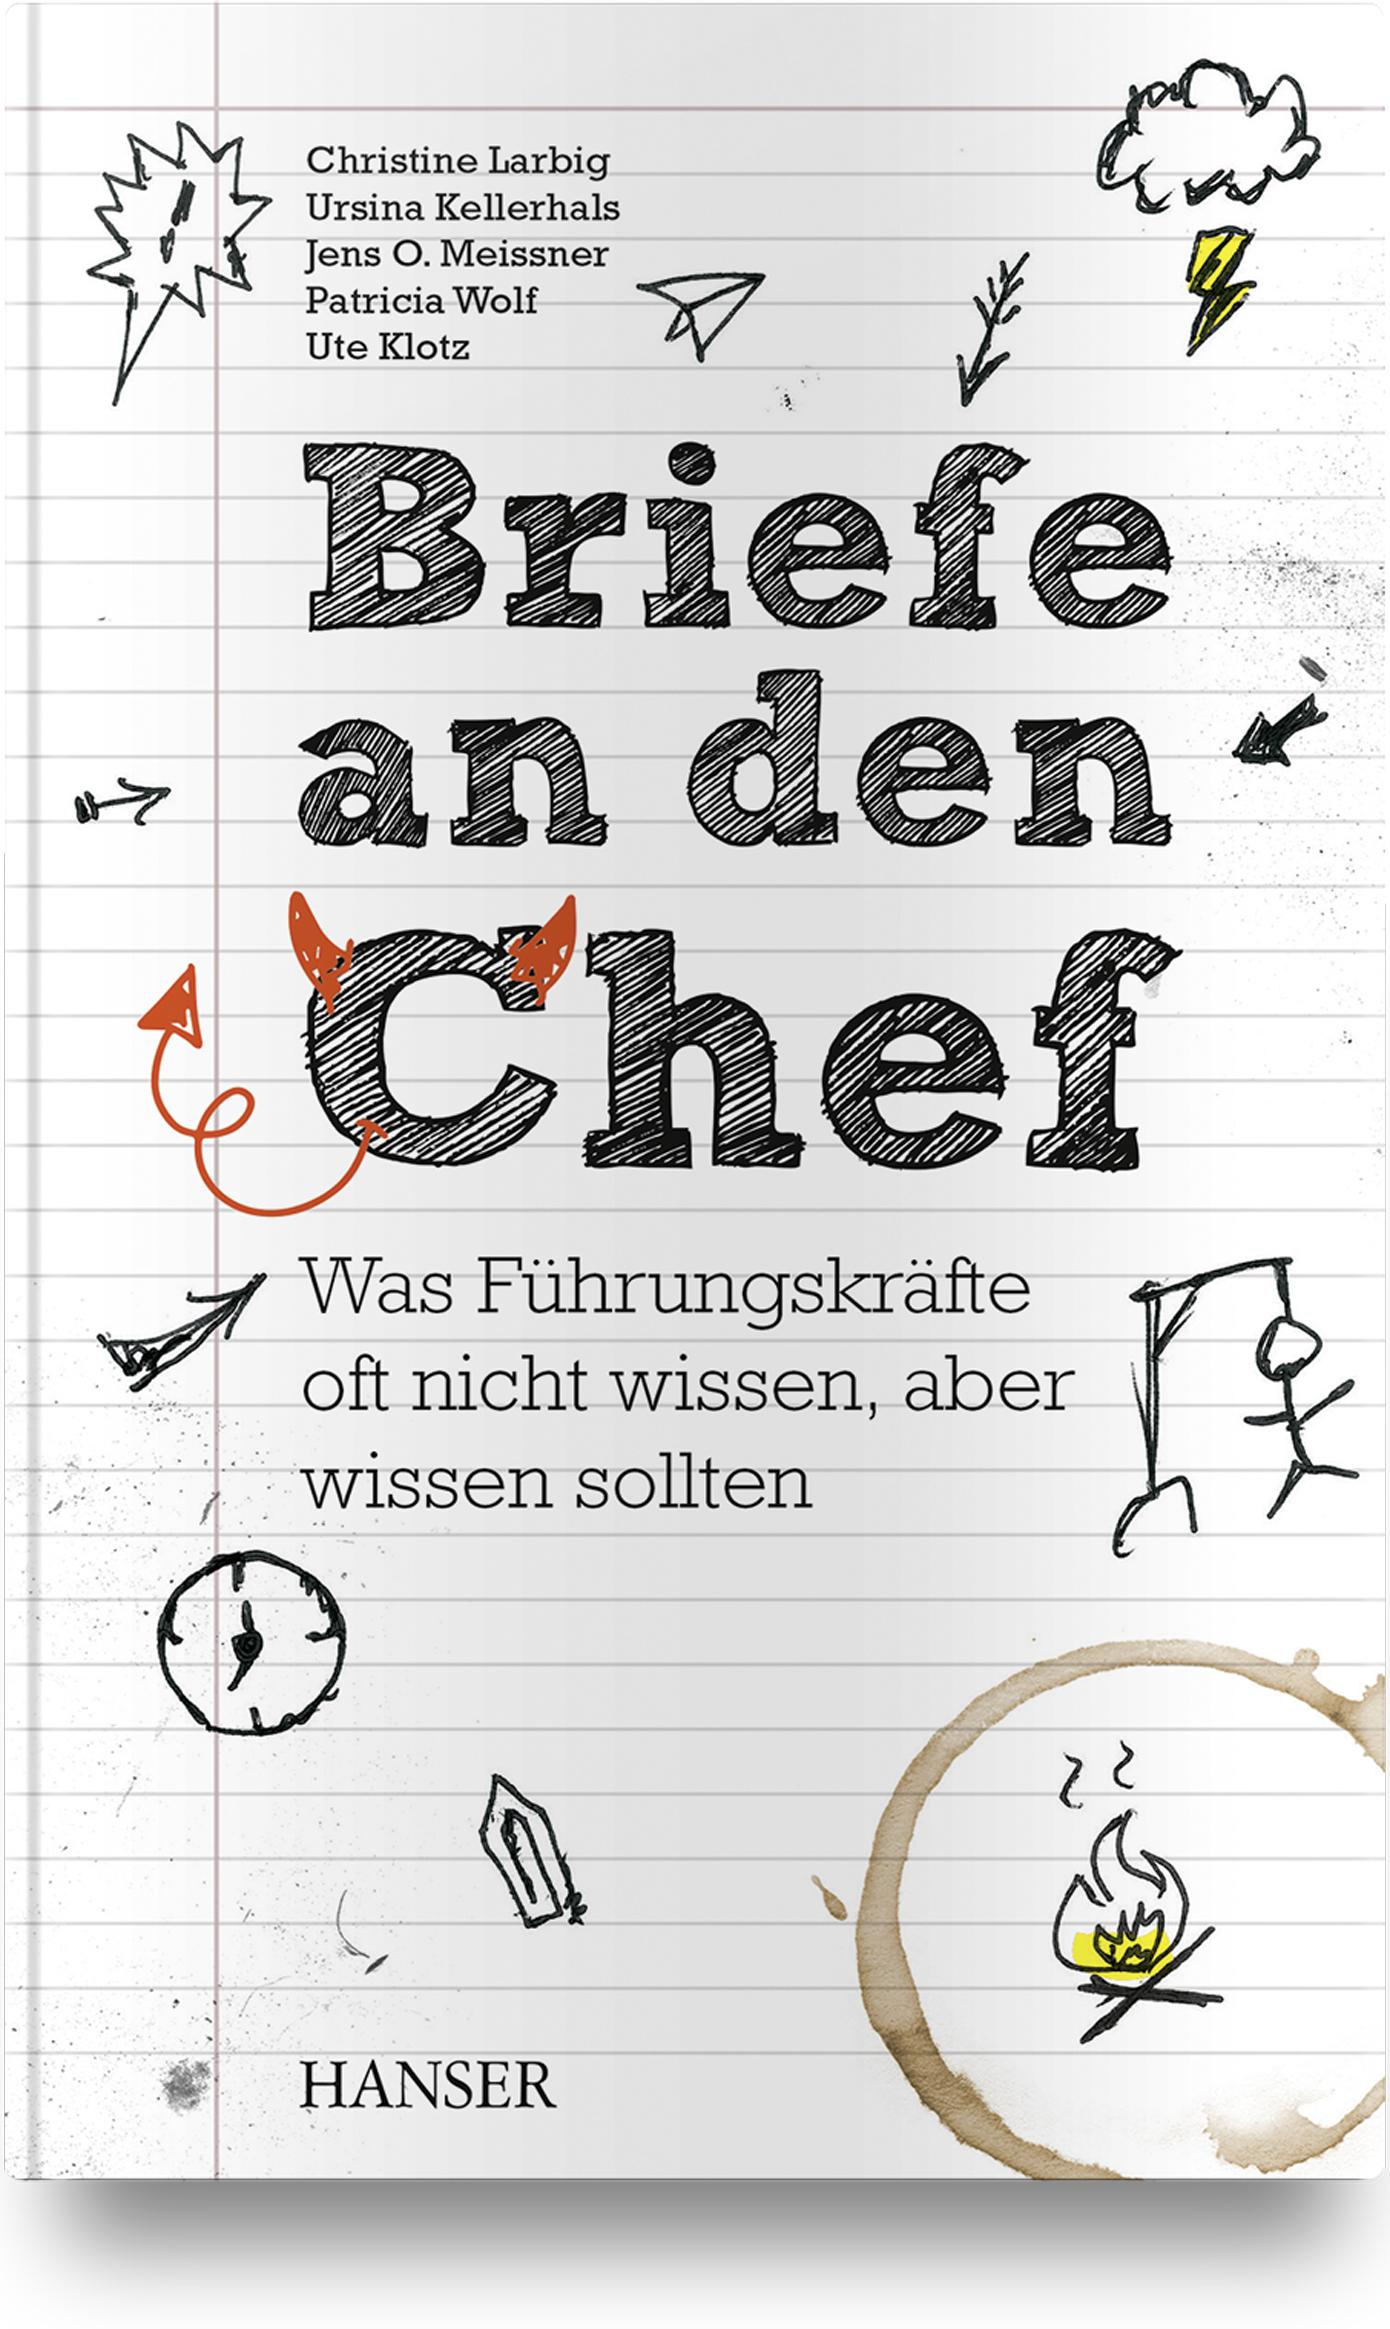 Larbig, Kellerhals, Meissner, Wolf, Klotz, Briefe an den Chef, 978-3-446-45940-3